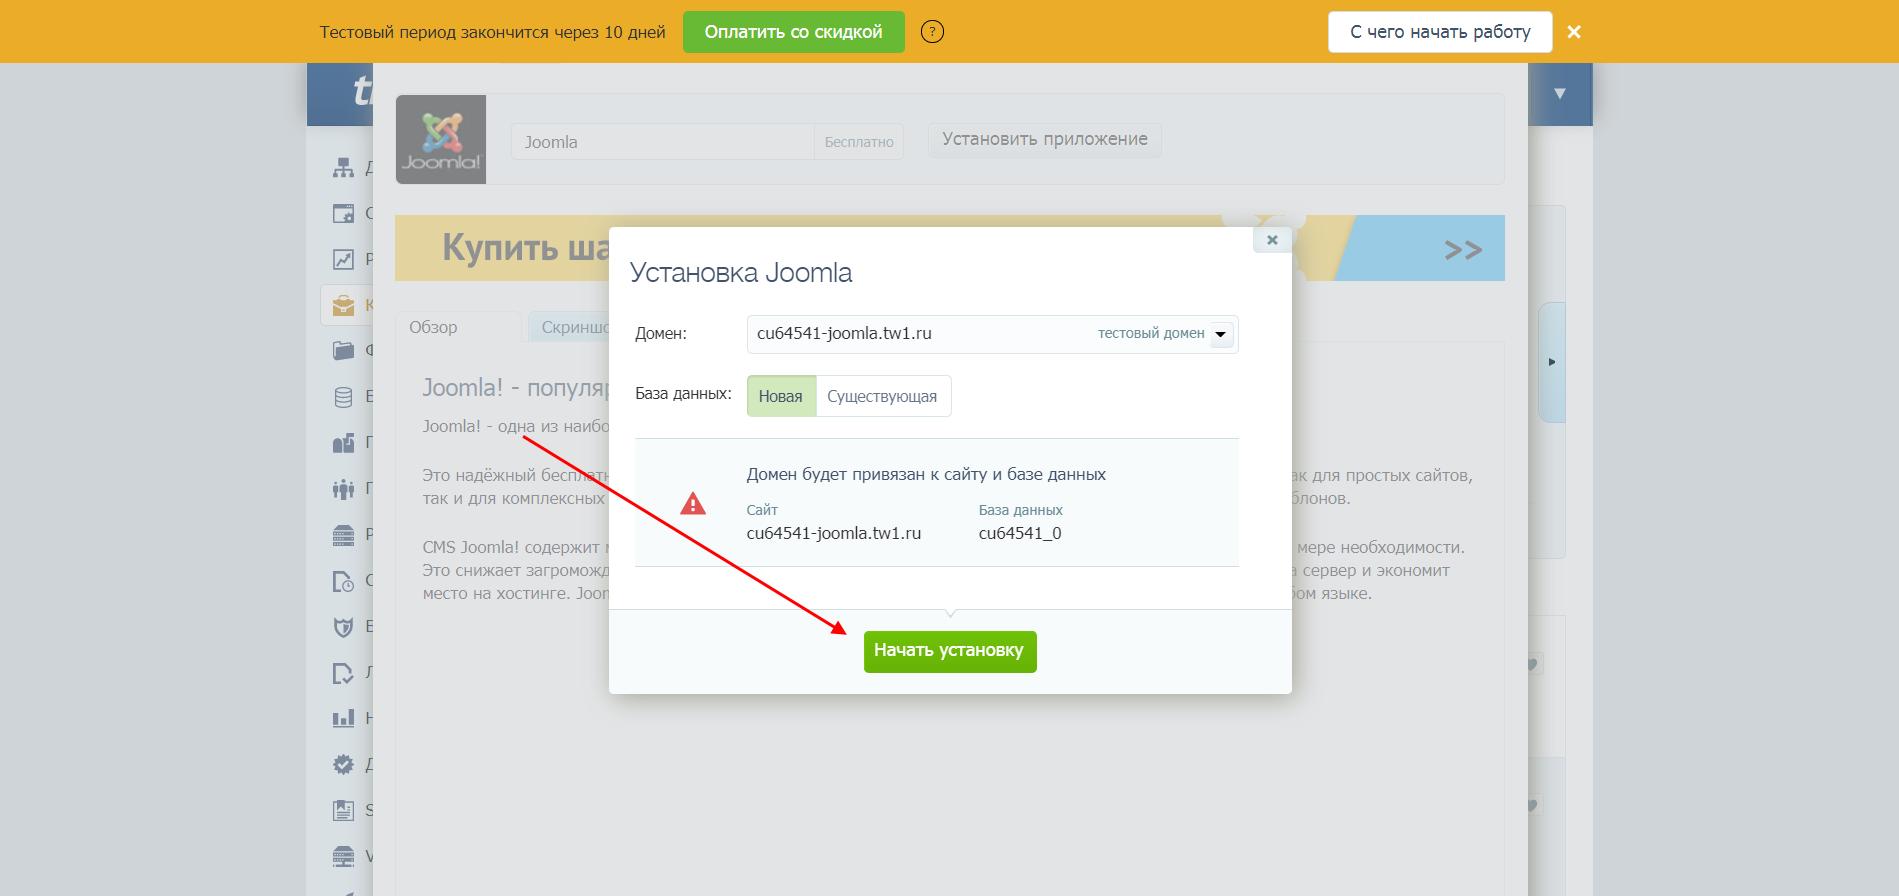 Как правильно установить Joomla на хостинг